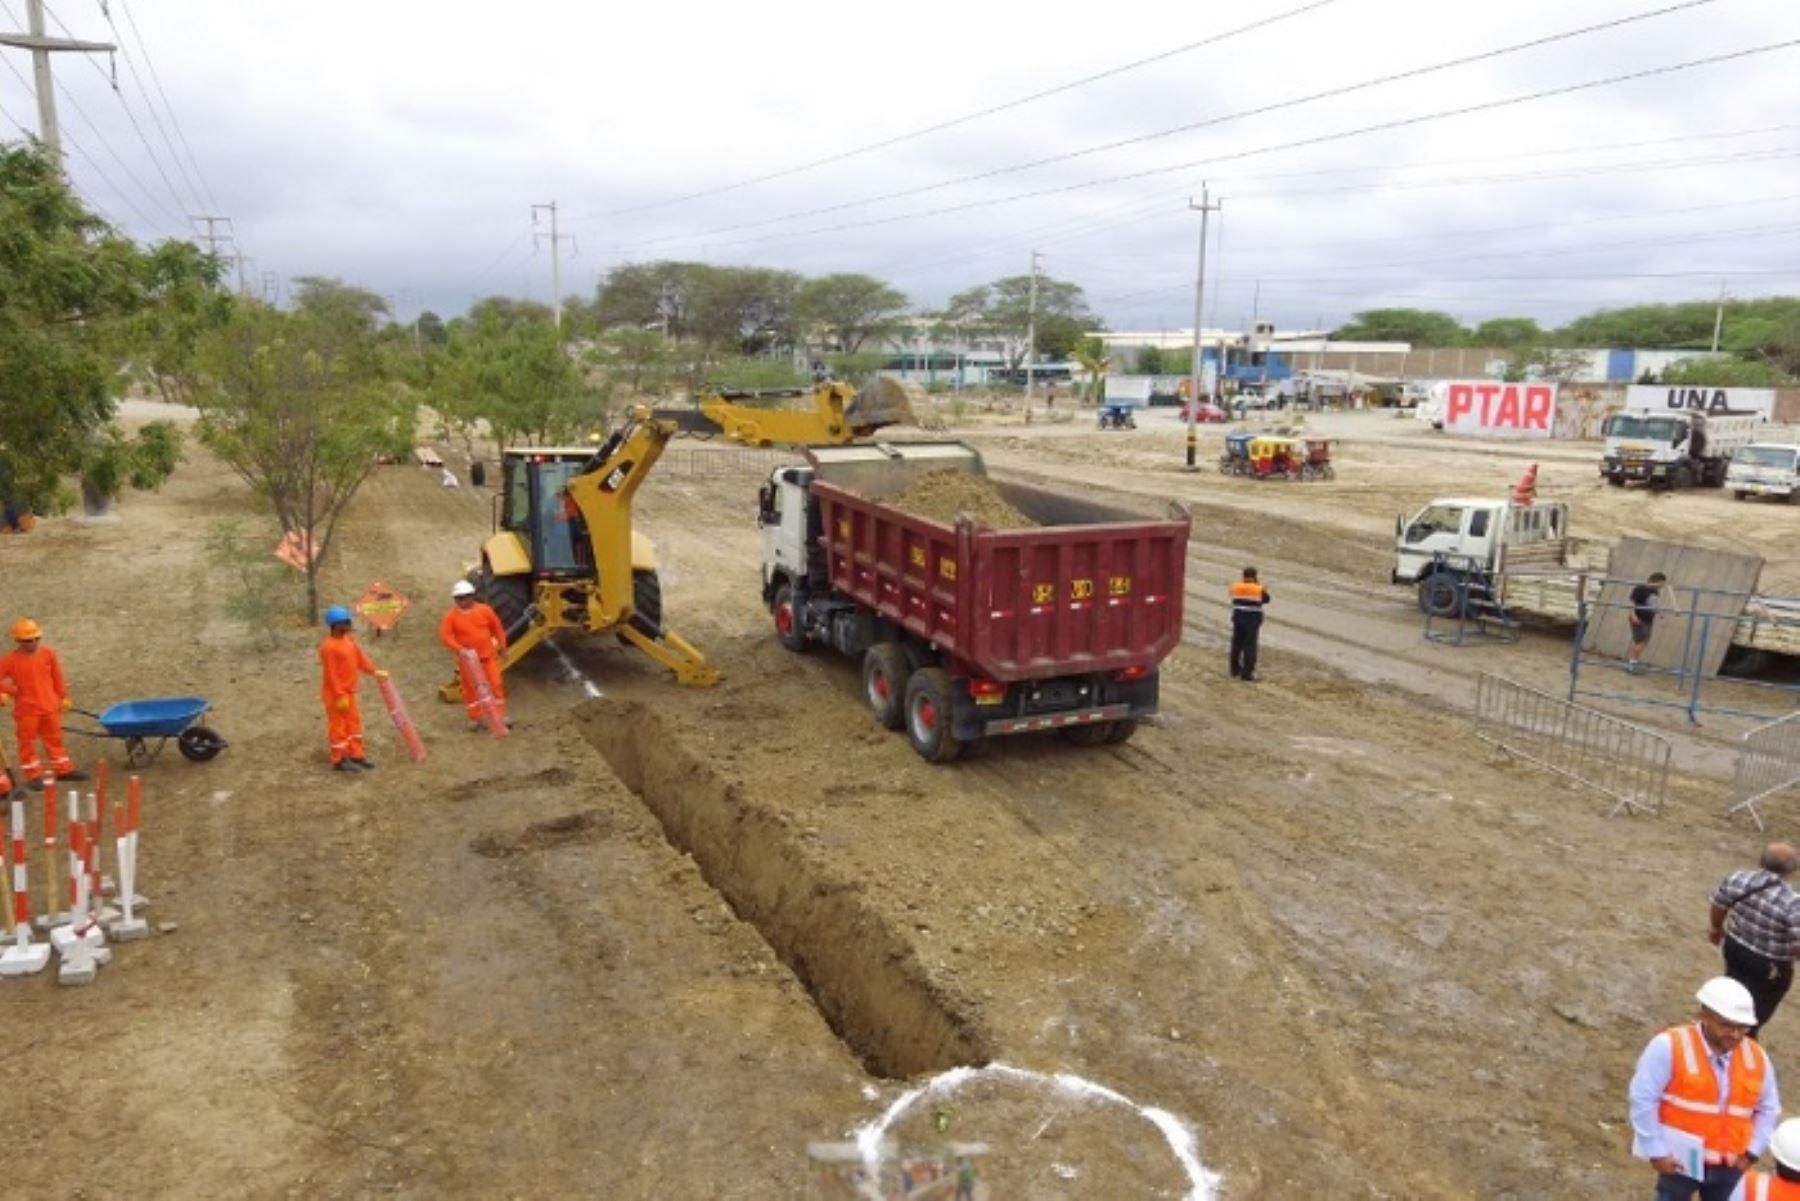 Ministerio de Vivienda gestiona recursos adicionales para acelerar obras de agua y alcantarillado en distrito de La Unión, en Piura. ANDINA/Difusión